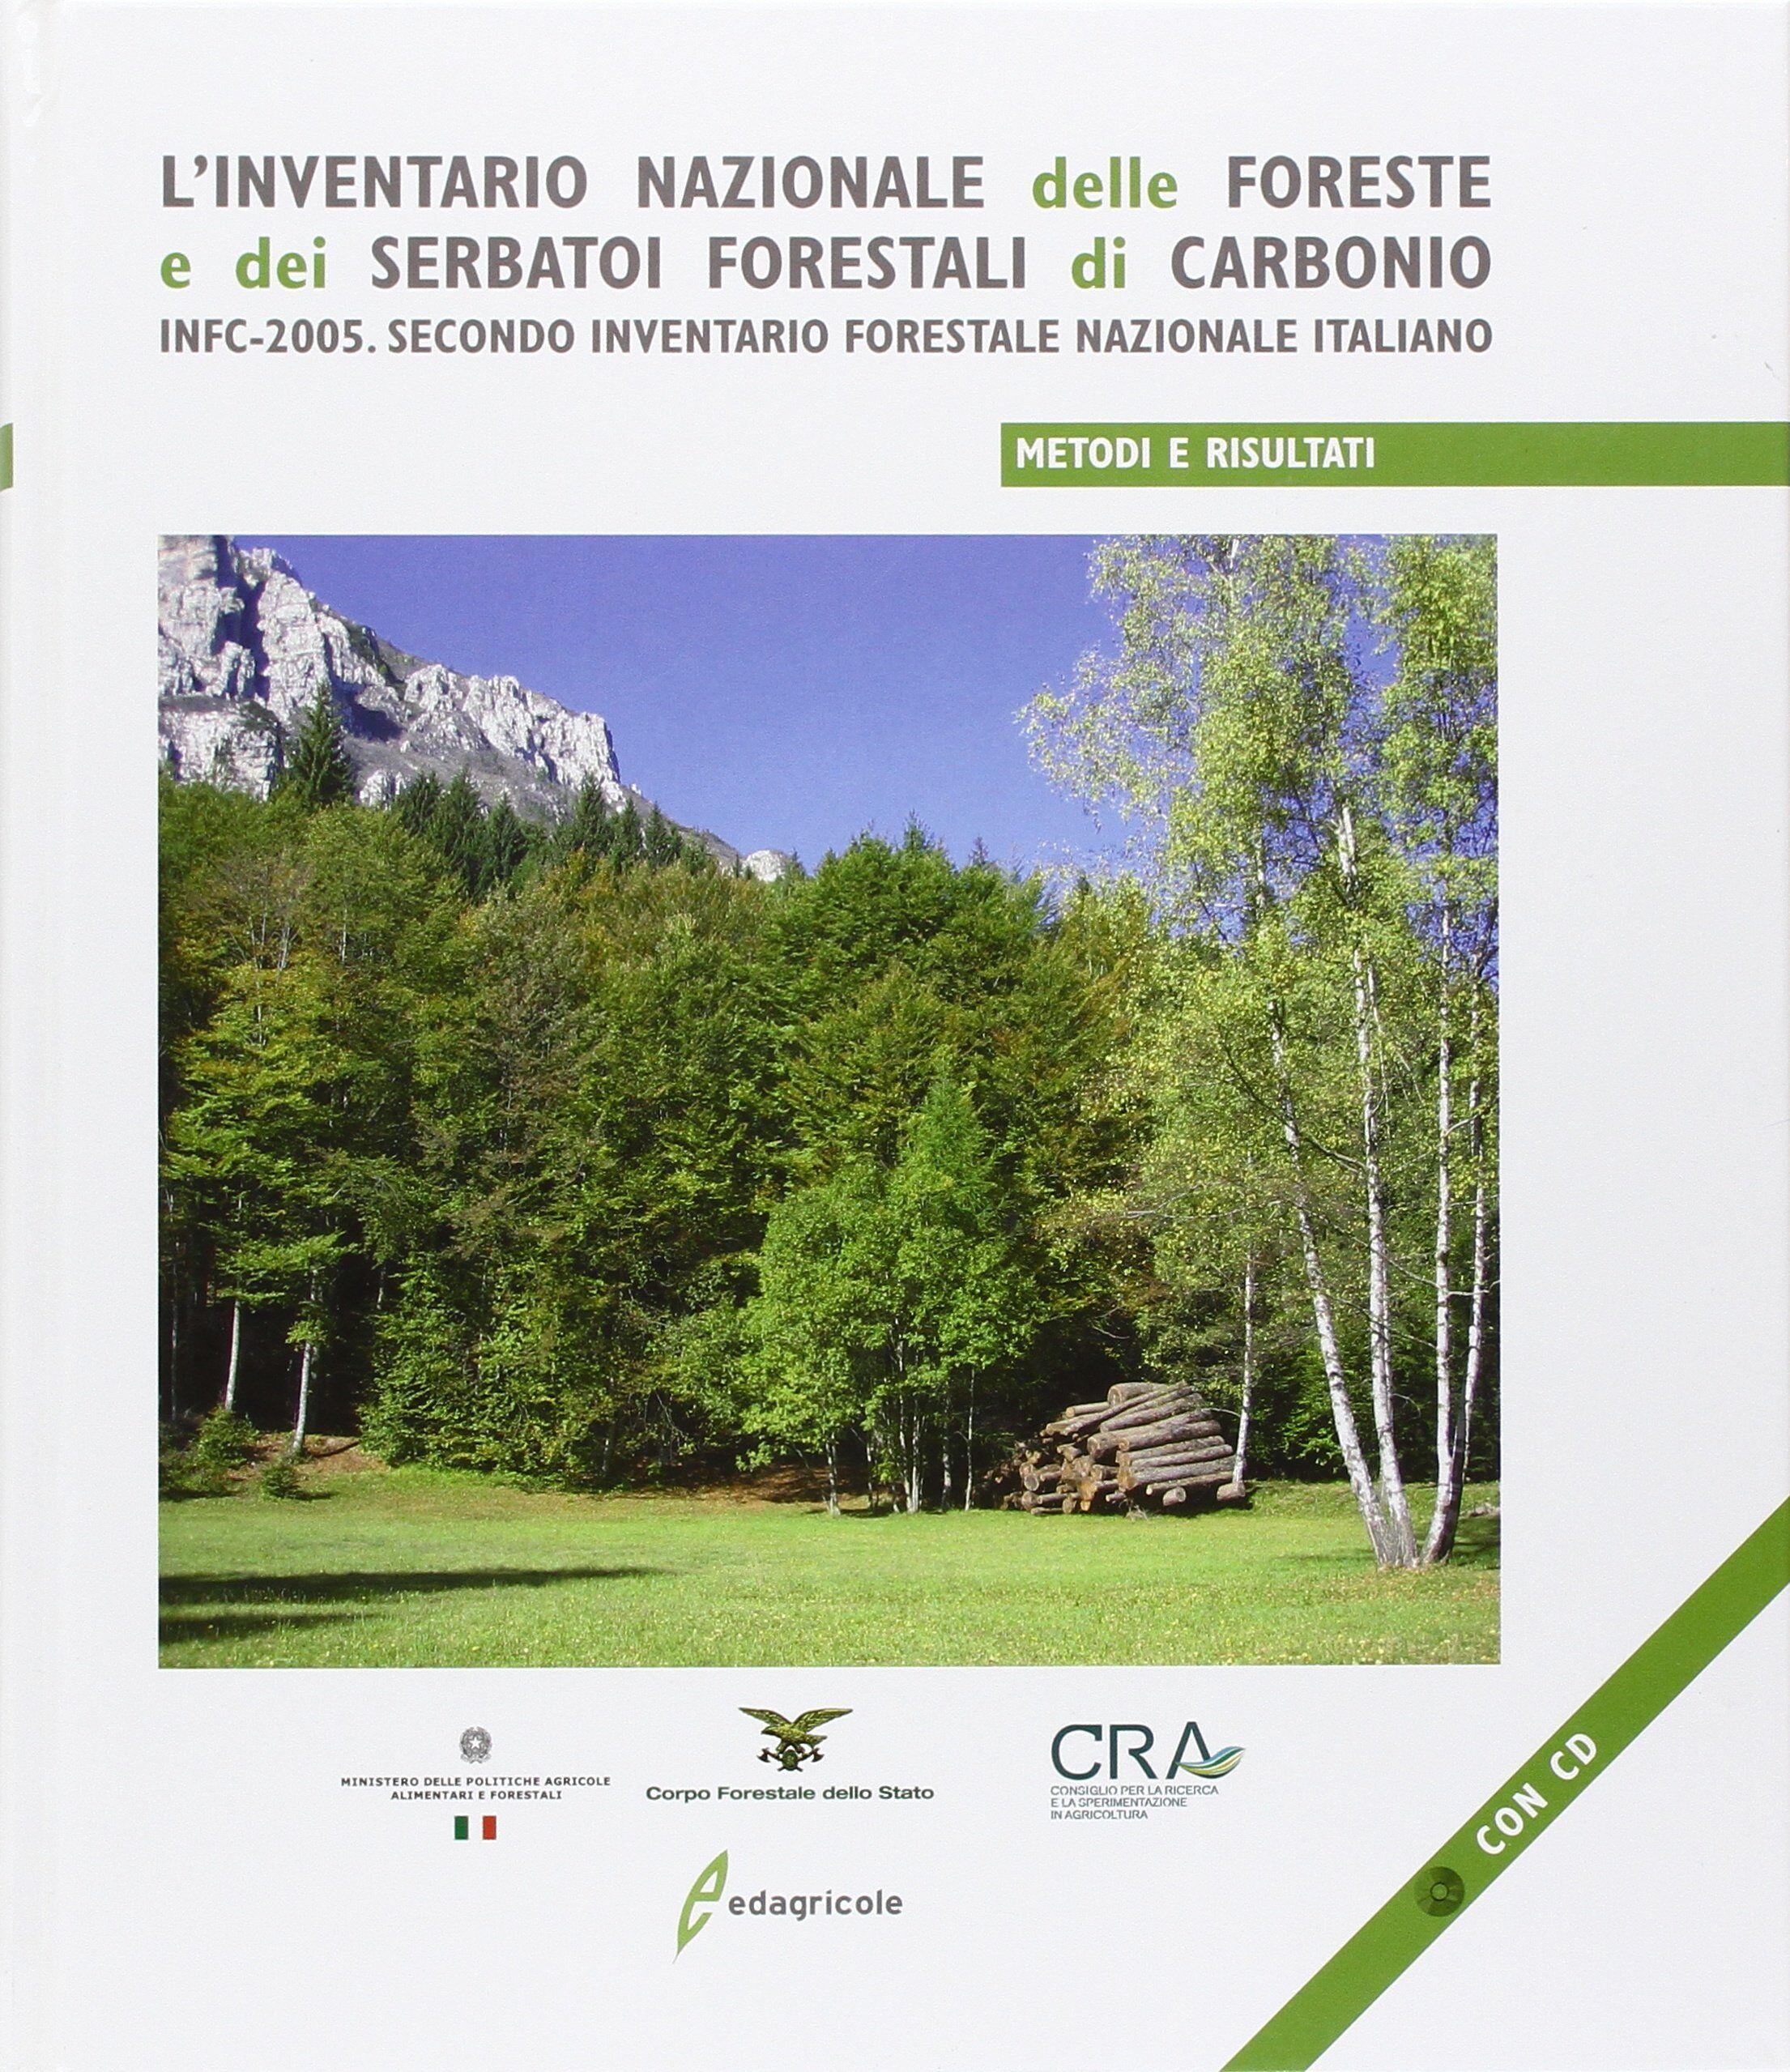 L' inventario nazionale delle foreste e dei serbatoi forestali di carbonio. INFC-2005. Secondo inventario forestale nazionale italiano. Metodi e risultati. Con CD-ROM